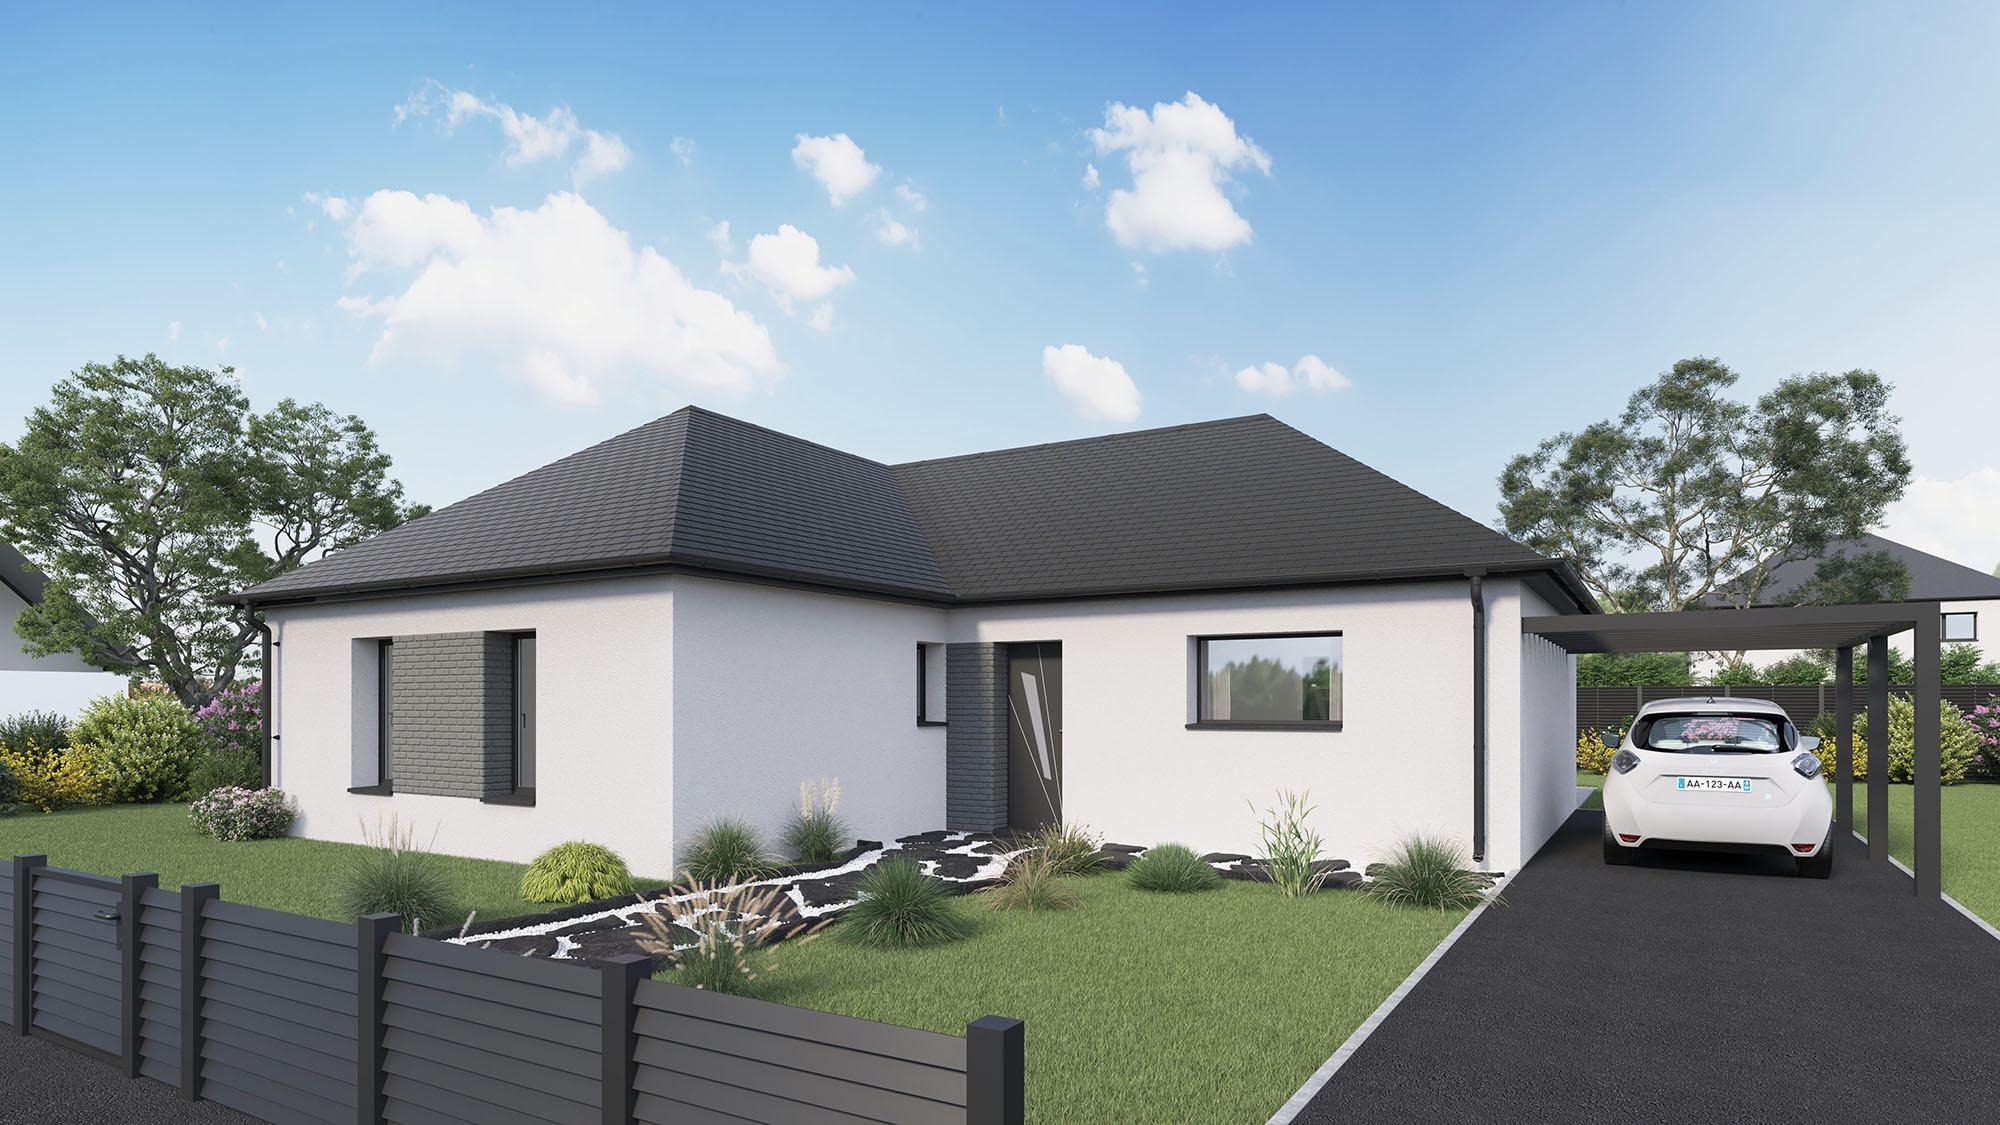 Maisons + Terrains du constructeur Maison Castor Valenciennes • 100 m² • WAVRECHAIN SOUS FAULX